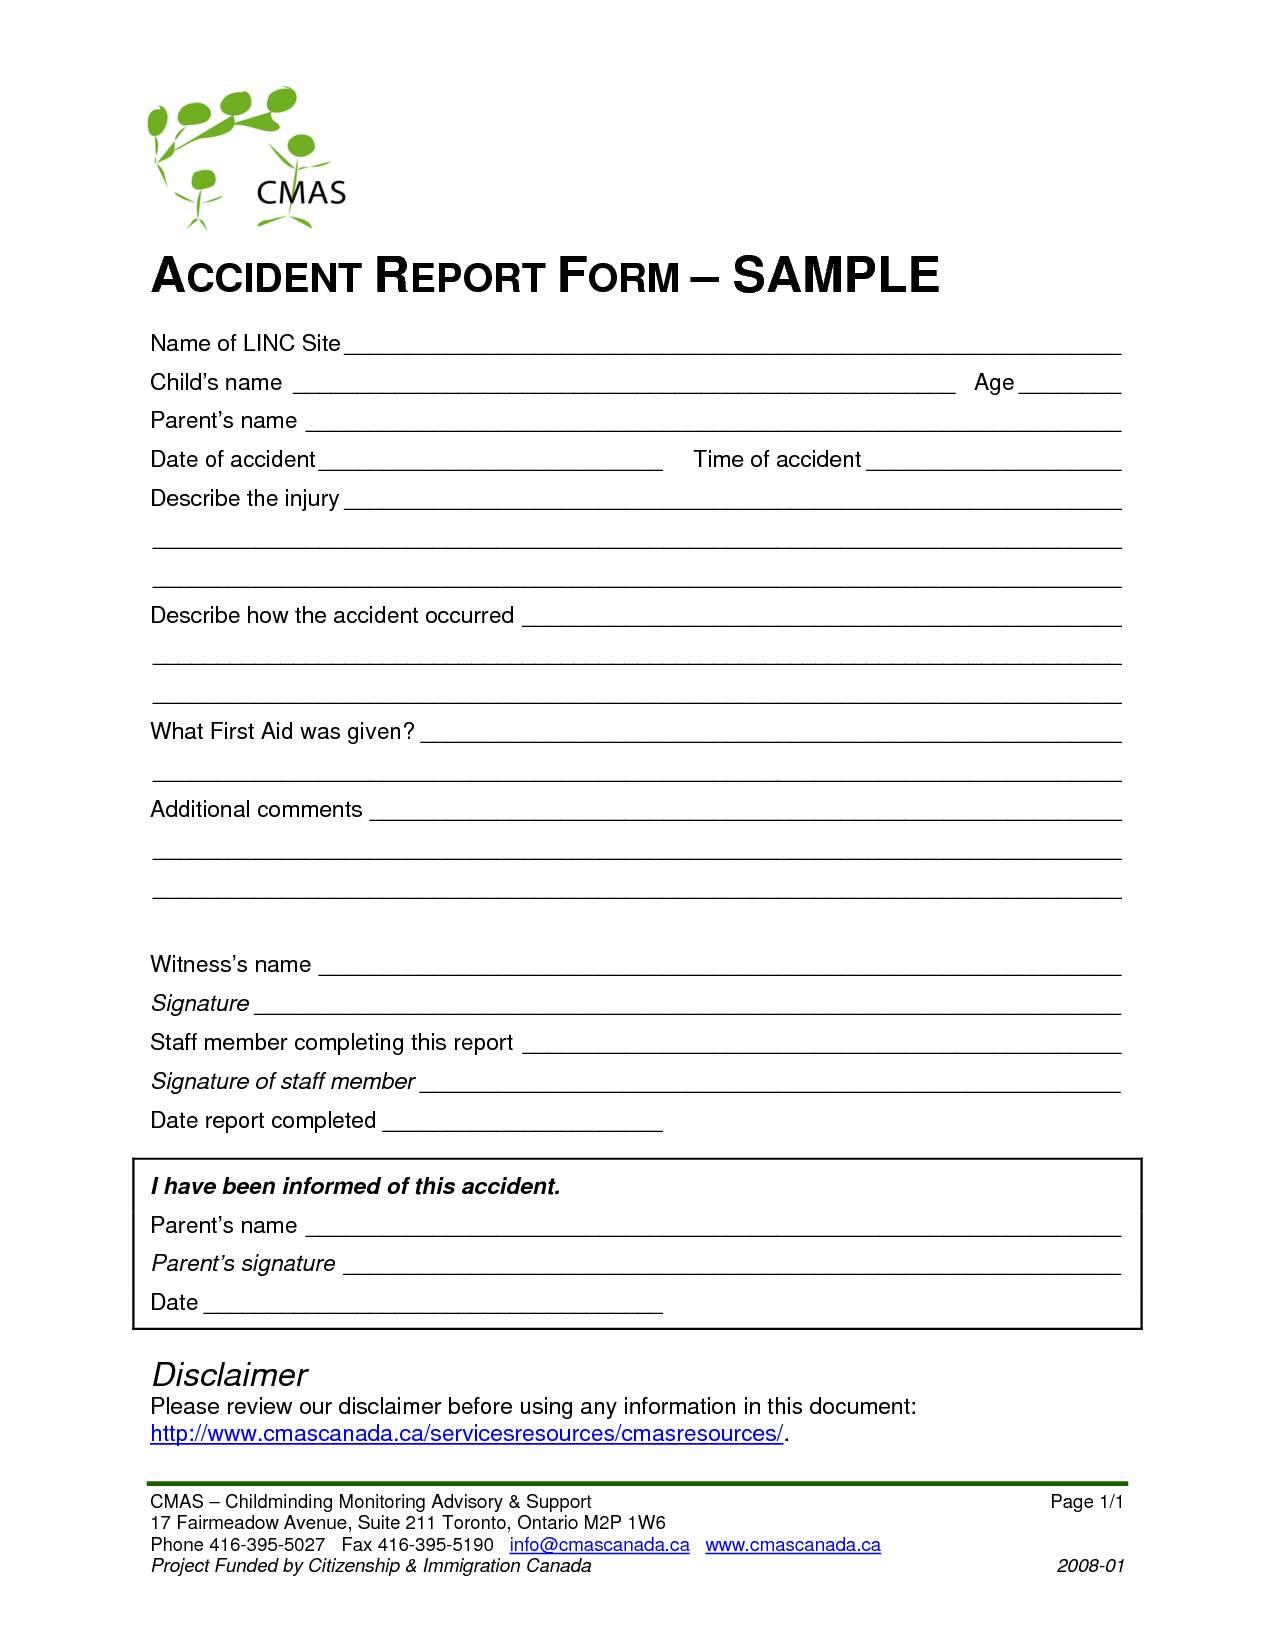 Sample Incident Investigation Report Form